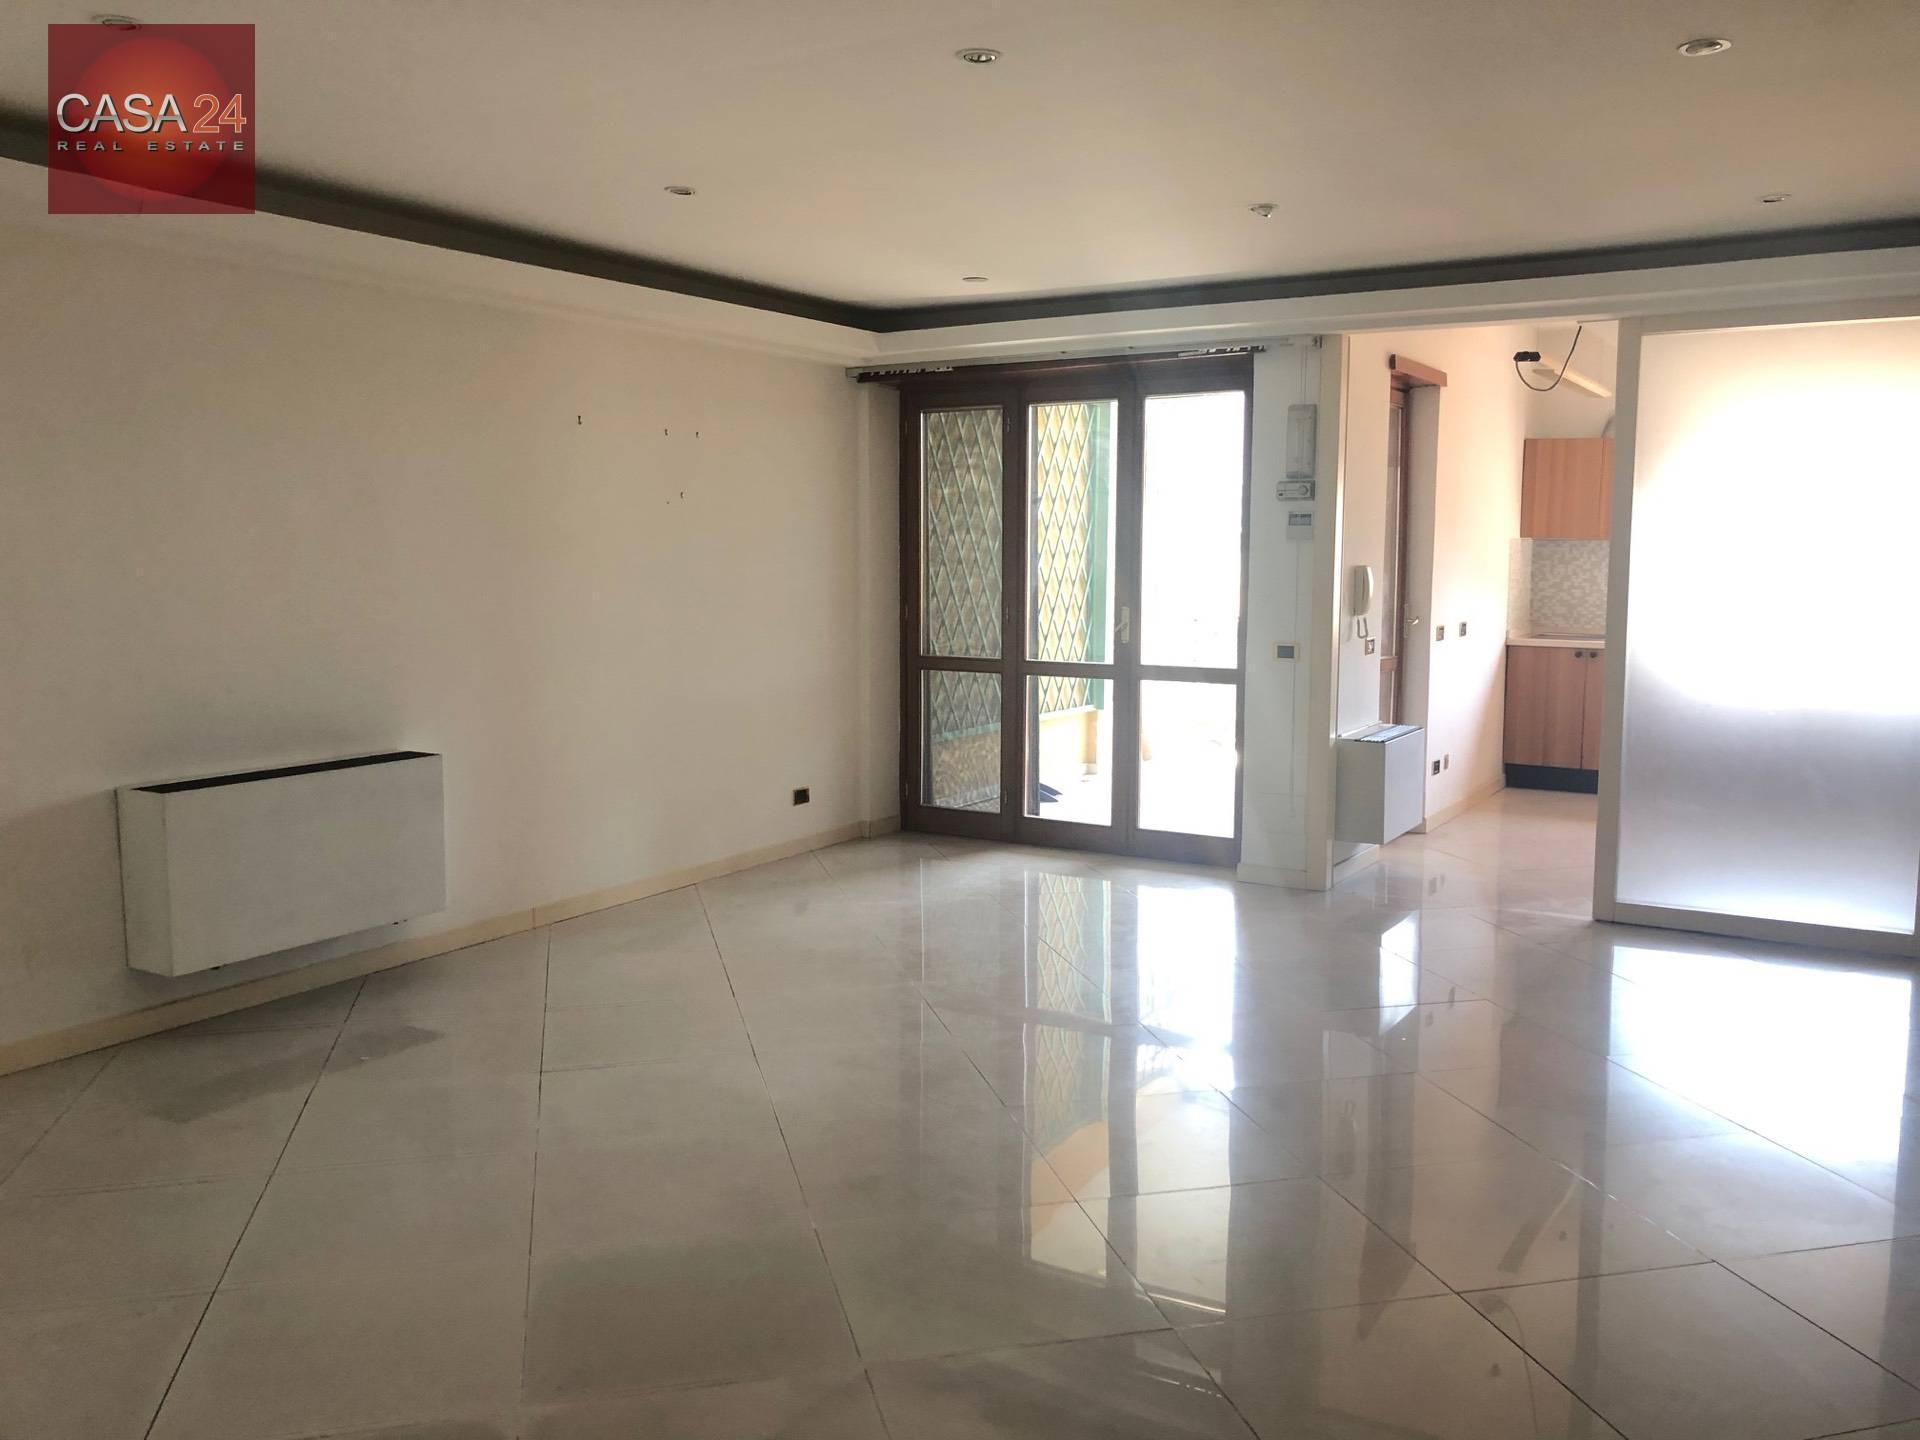 Appartamento in vendita Rif. 8605171